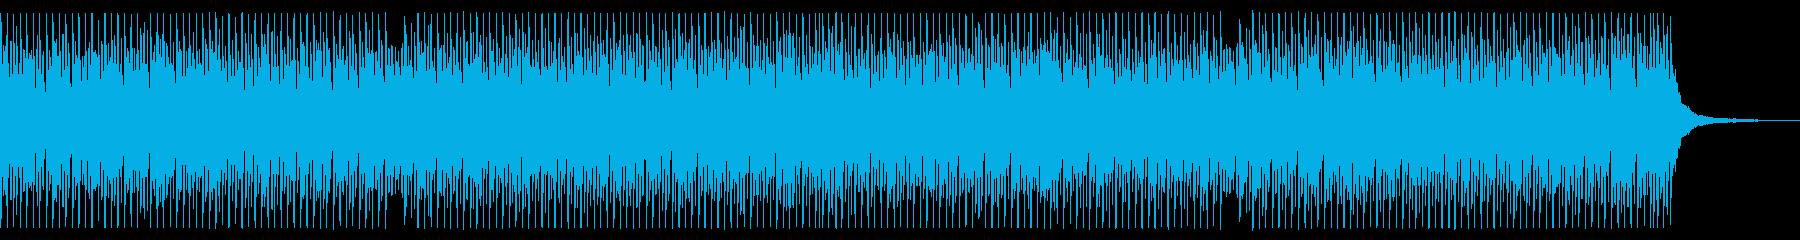 ベース無し 青空 ポジティブ ピアノの再生済みの波形